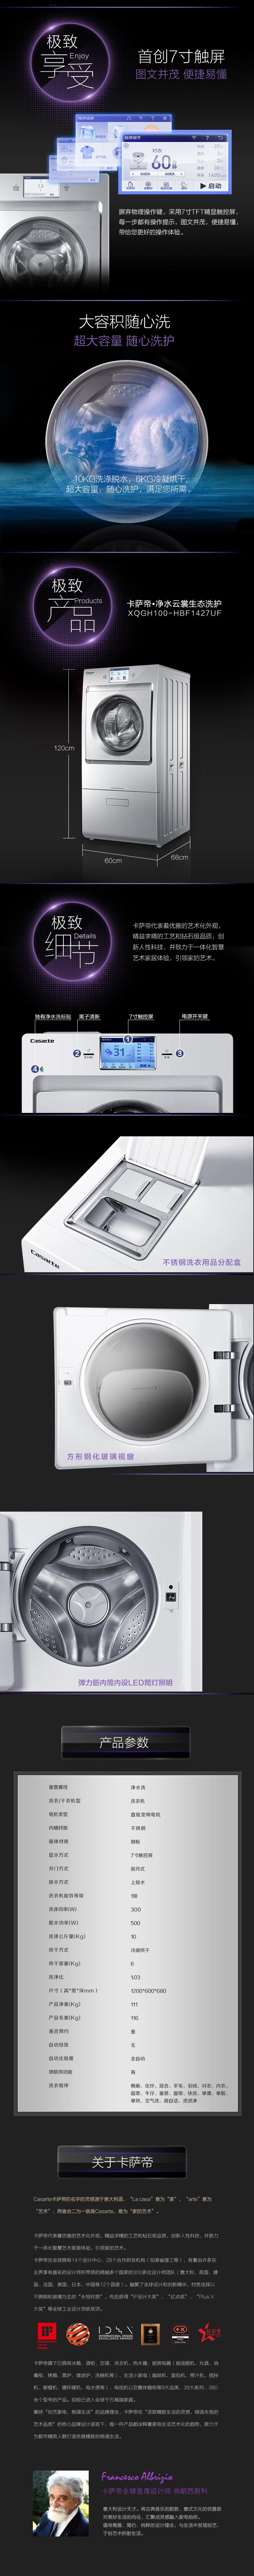 卡萨帝高端洗衣机——净水云裳图1